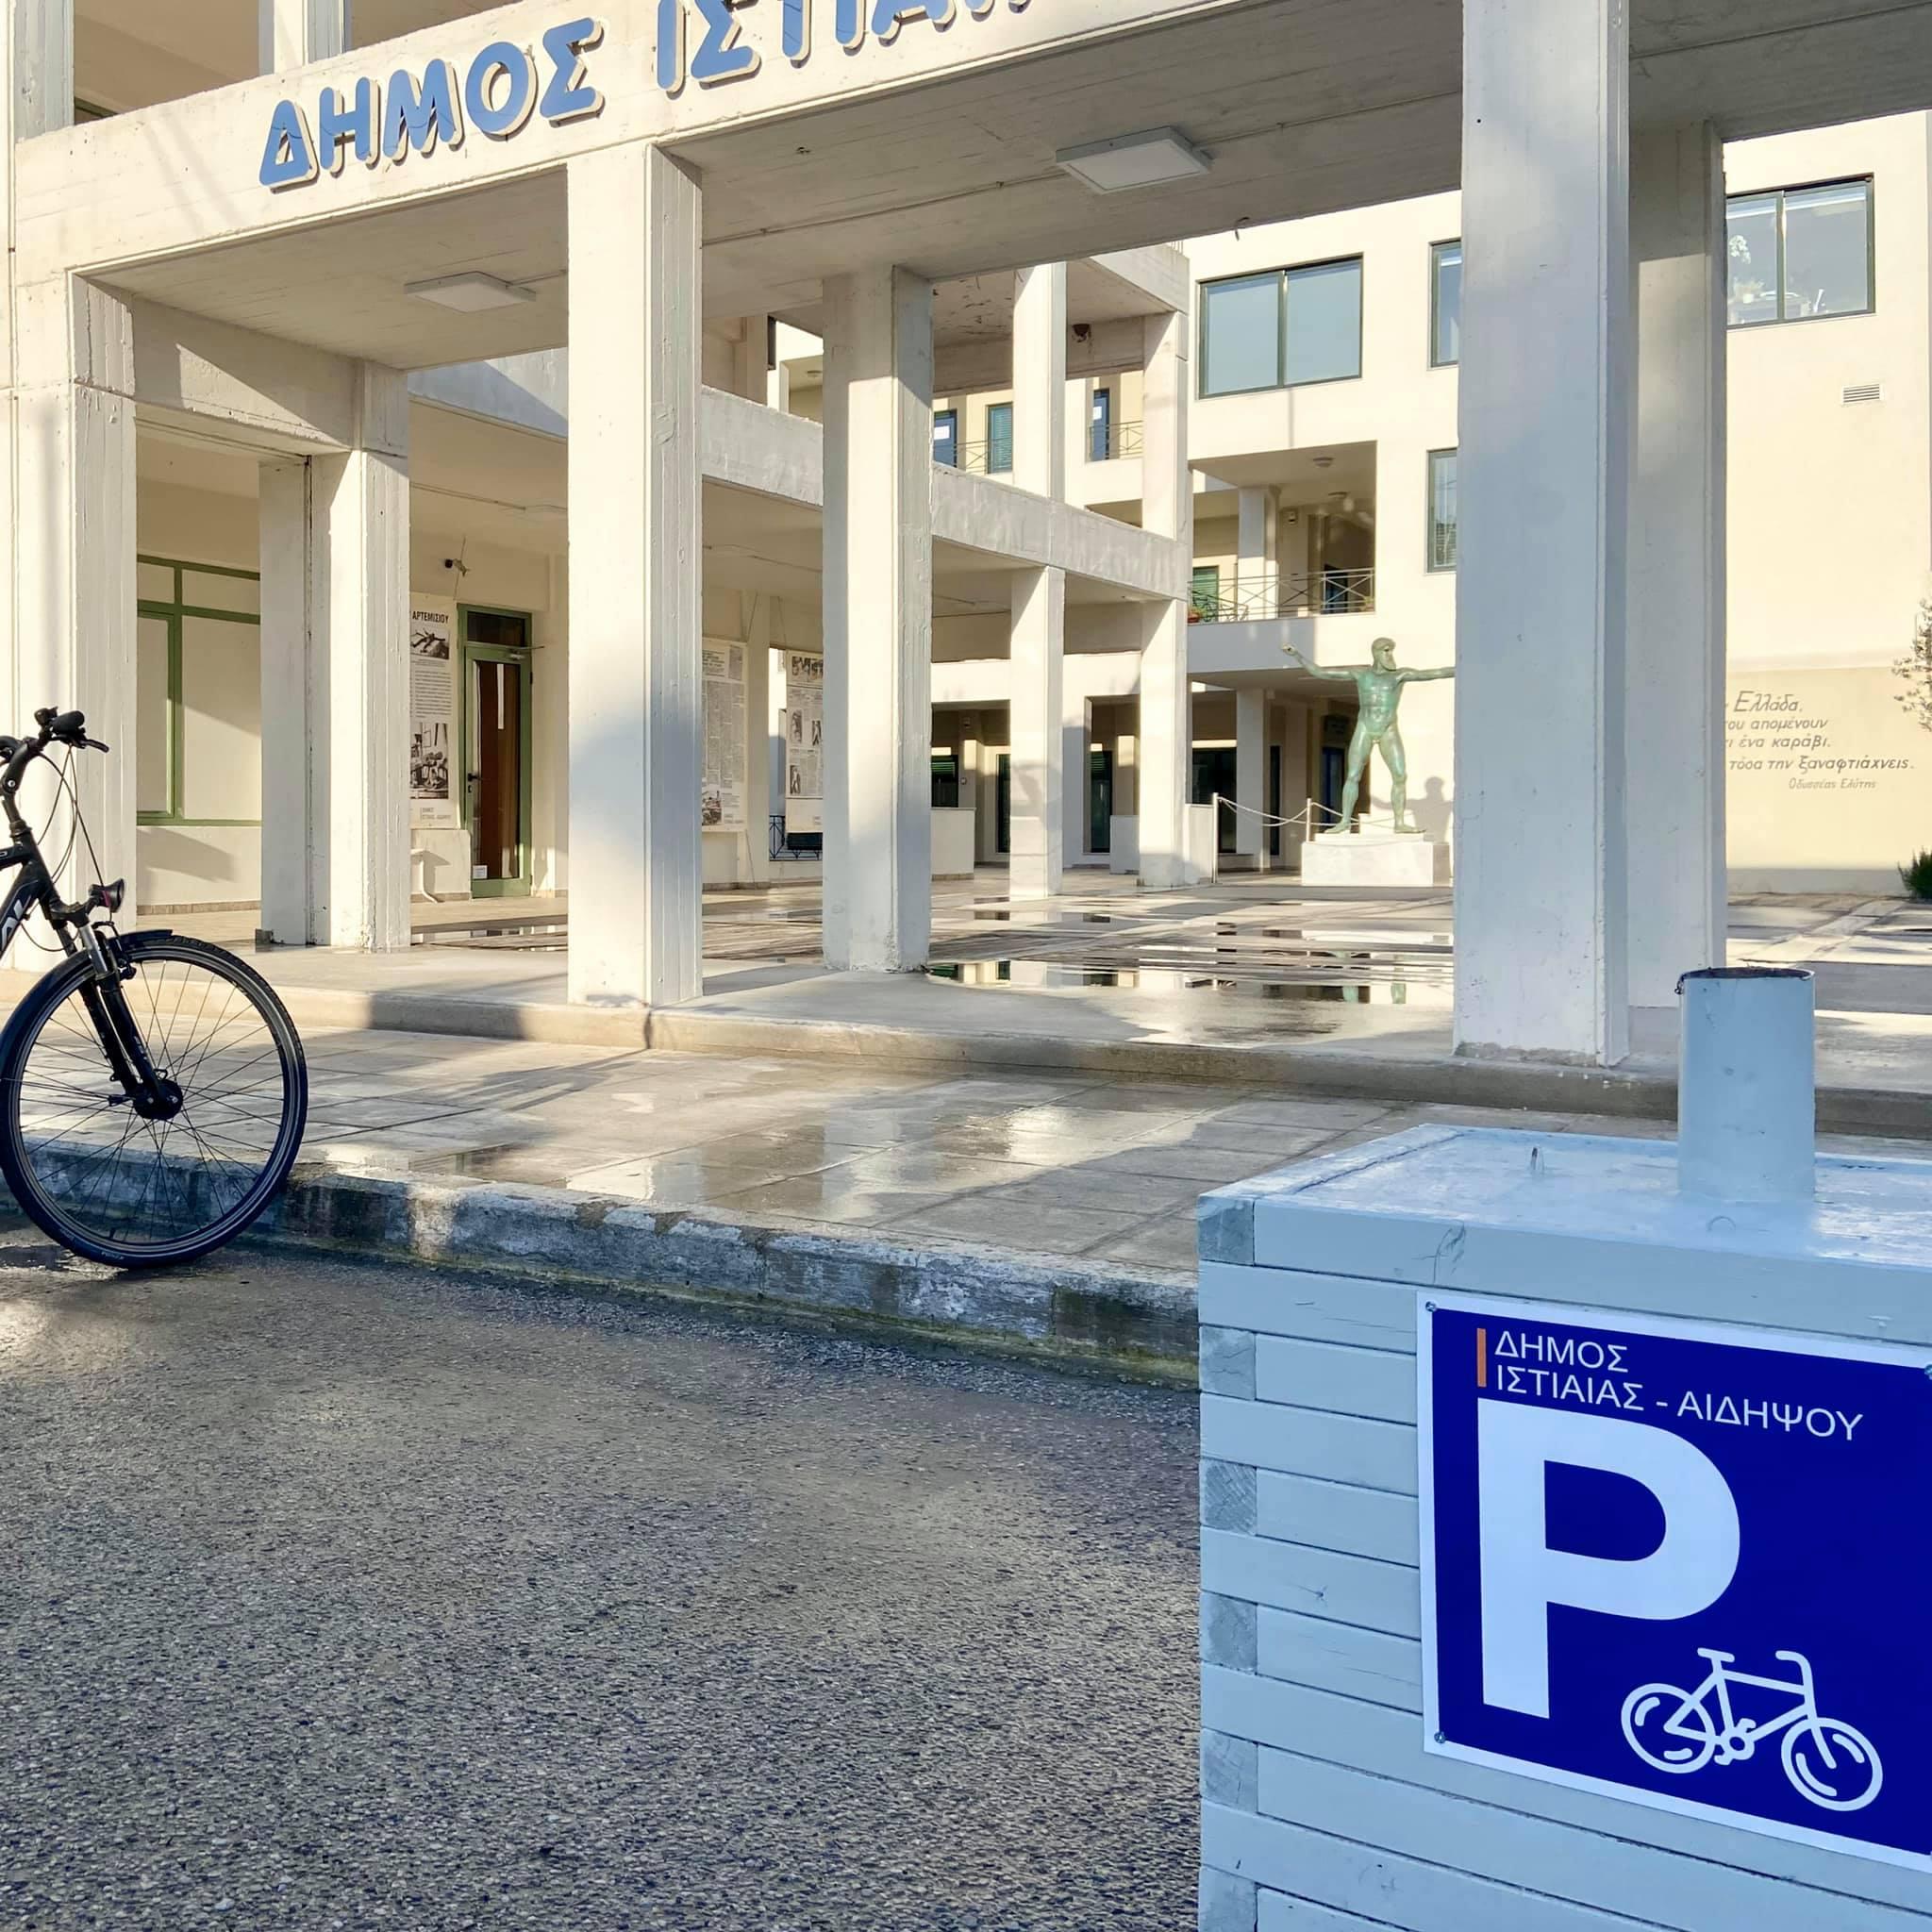 Κοντζιάς: Υπό κατασκευή οι θέσεις στάθμευσης ποδηλάτων μετά από απόφαση της Επιτροπής Ποιότητας Ζωής του Δήμου Ιστιαίας Αιδηψού